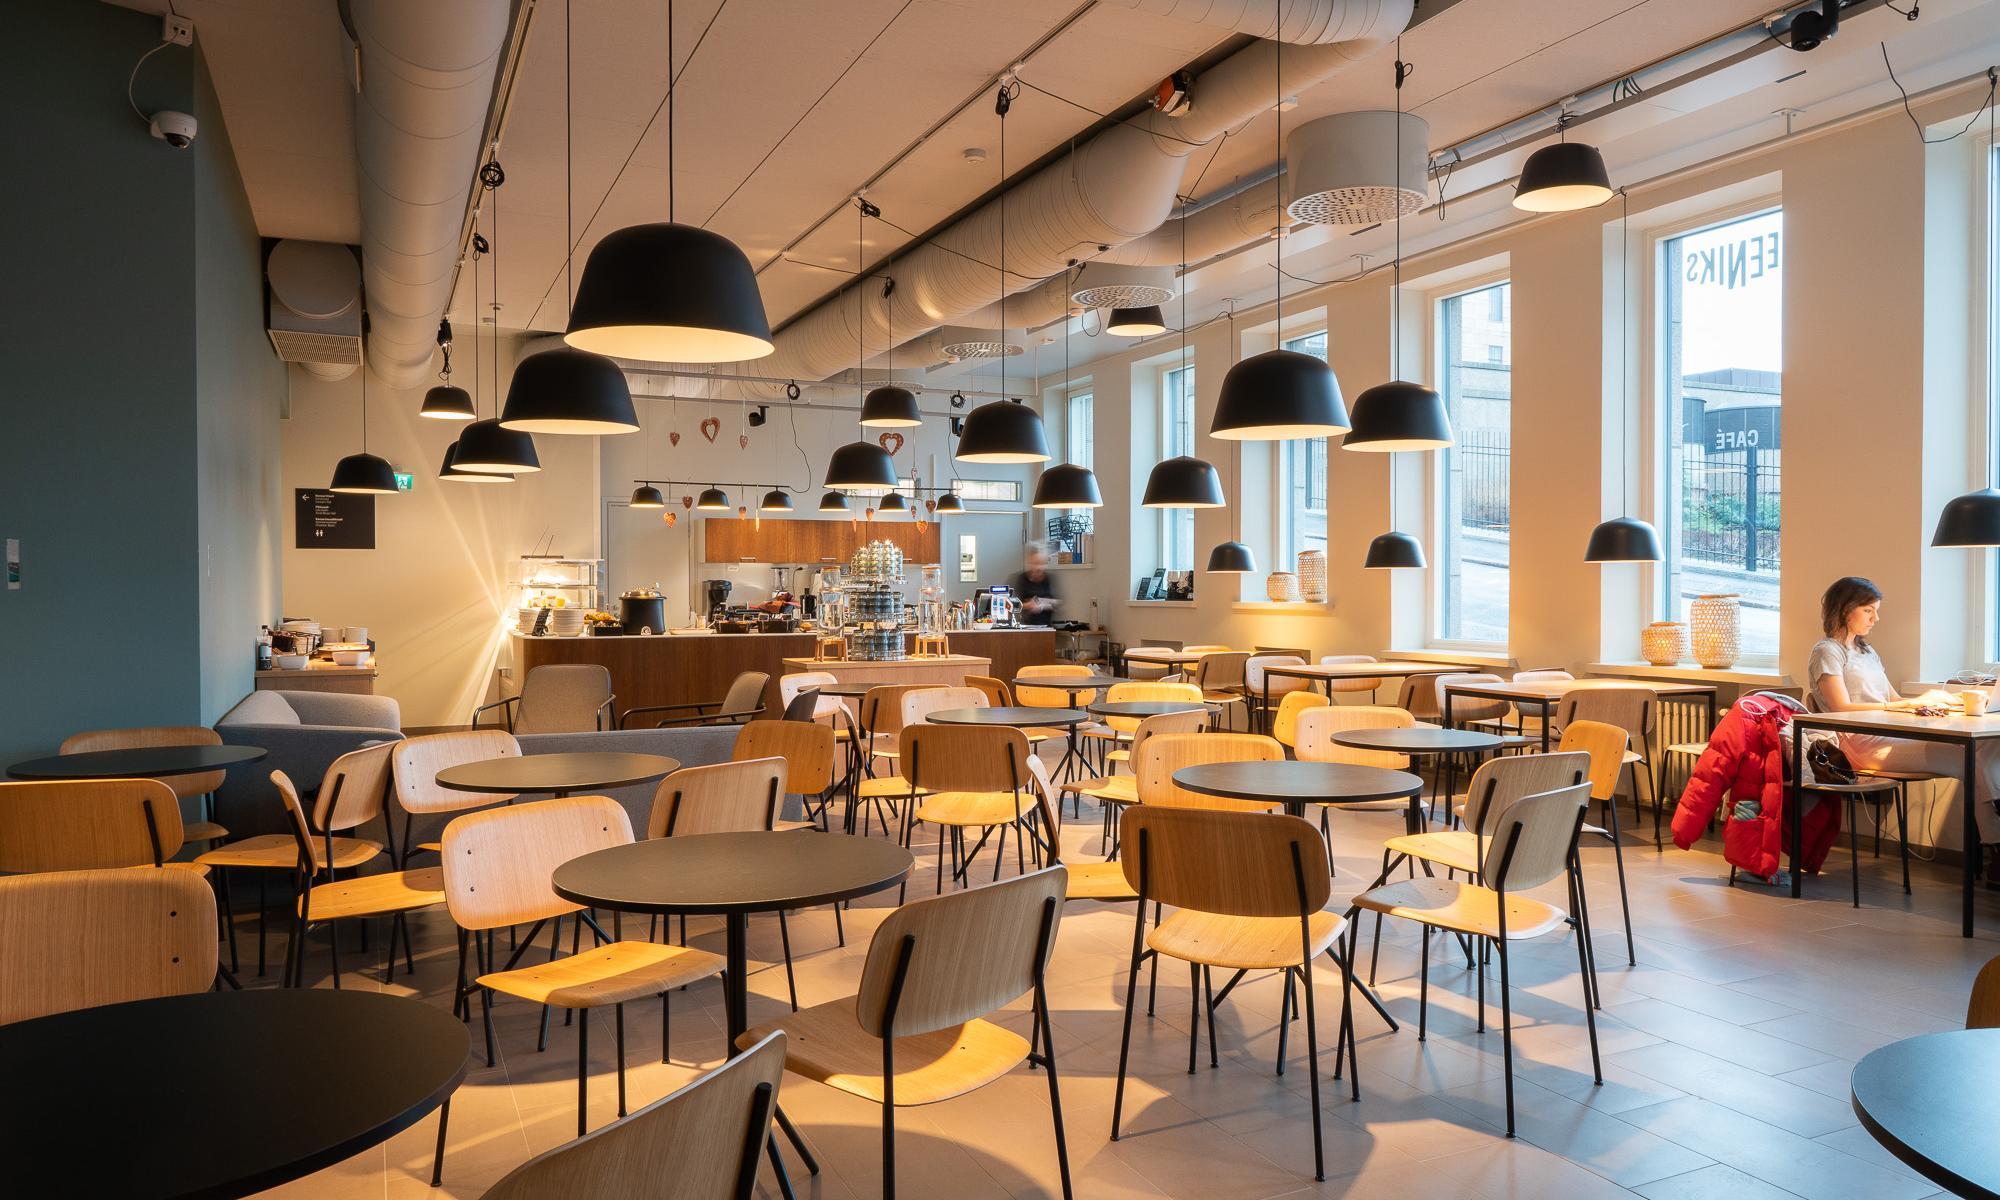 Feeniks Cafe